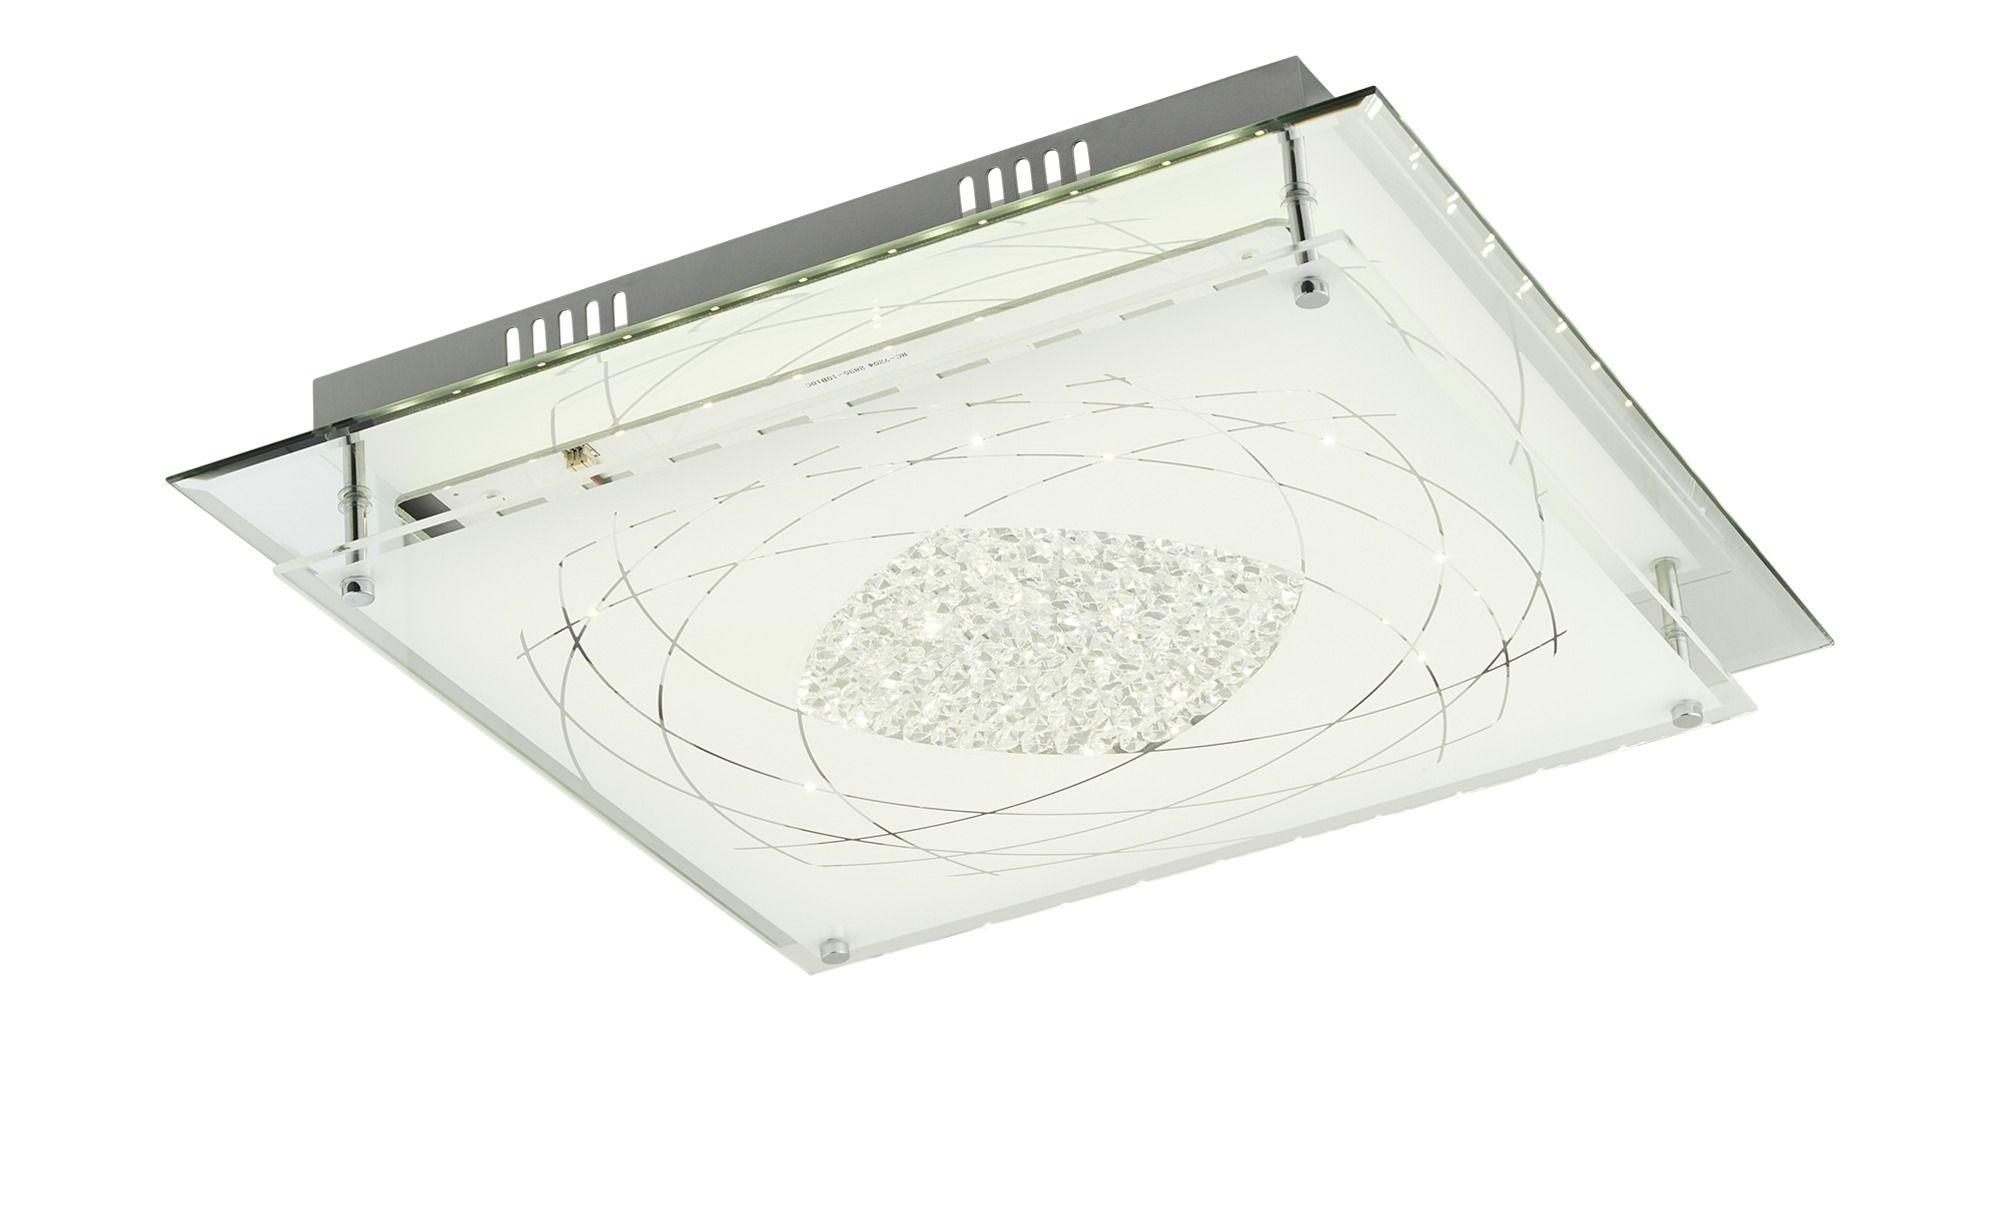 Khg Led Deckenleuchte Mit Verzierung Silber Masse Cm B 43 H 8 5 Lampen Leuchten Led Leuchten Led Deckenleuchte Led Deckenstrahler Deckenleuchten